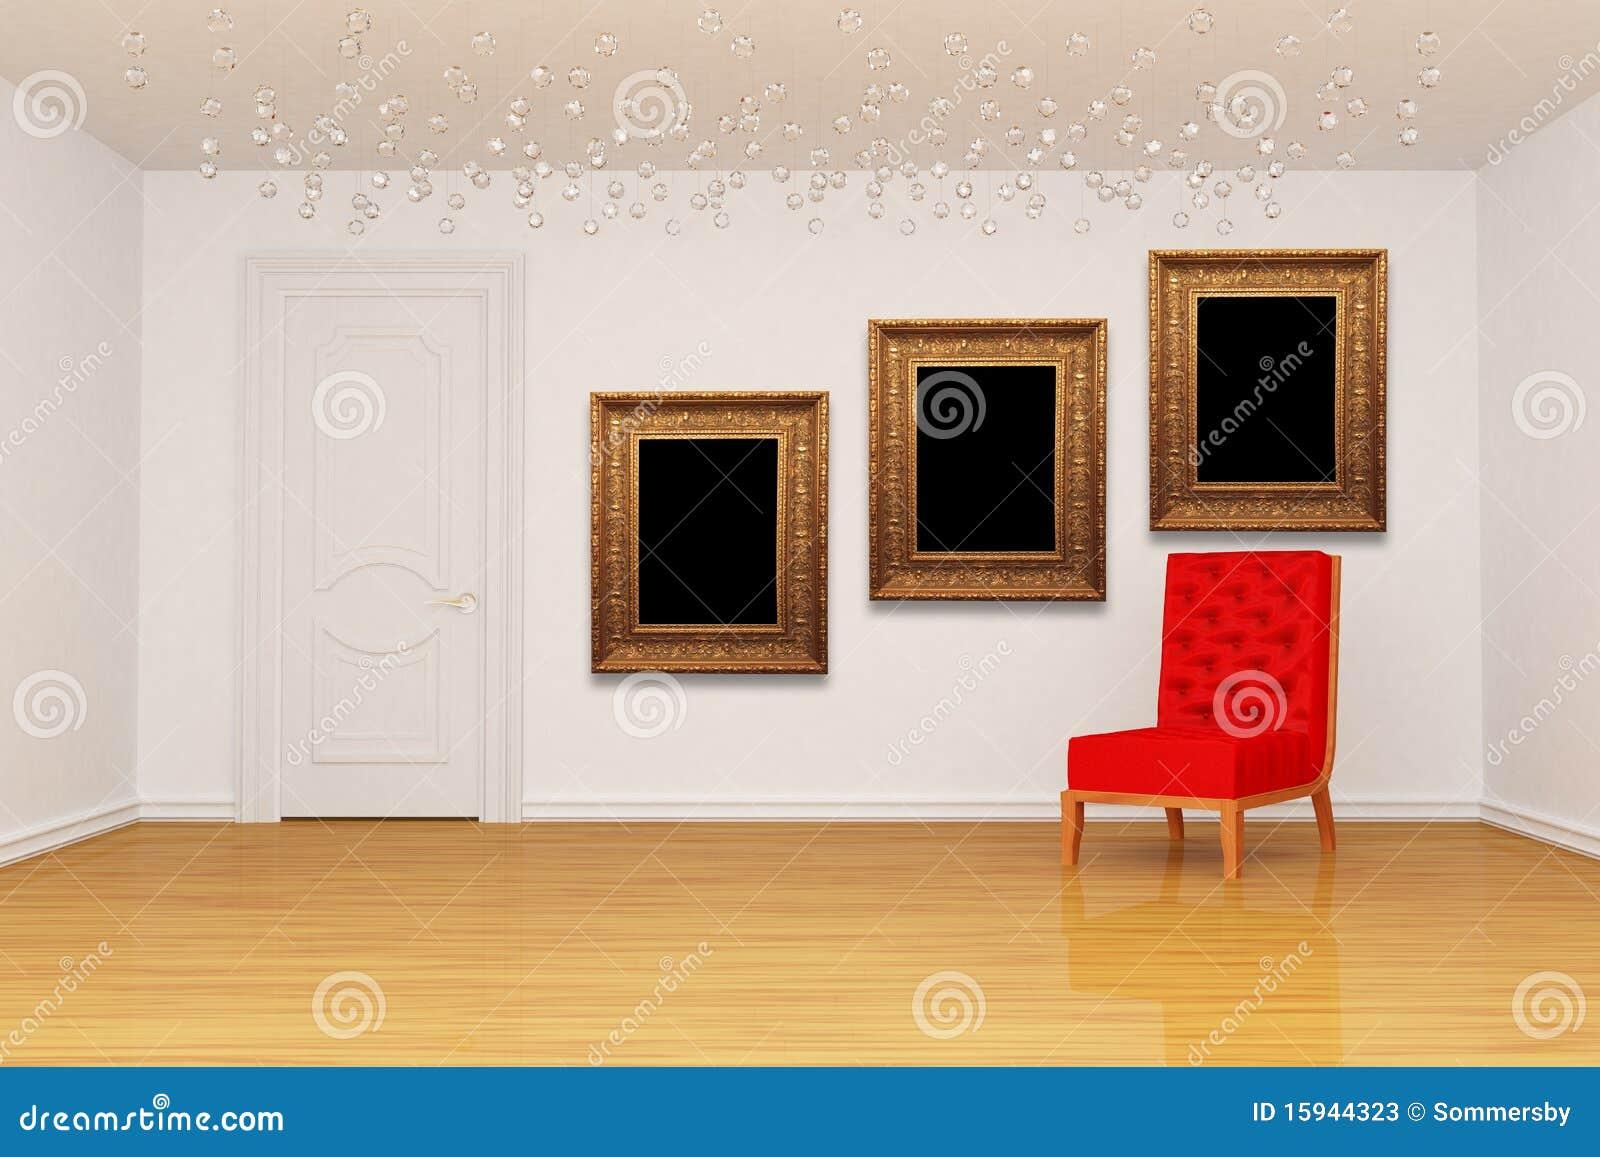 Leerer Raum Mit Tür, Rotem Stuhl Und Bilderrahmen Stock Abbildung ...